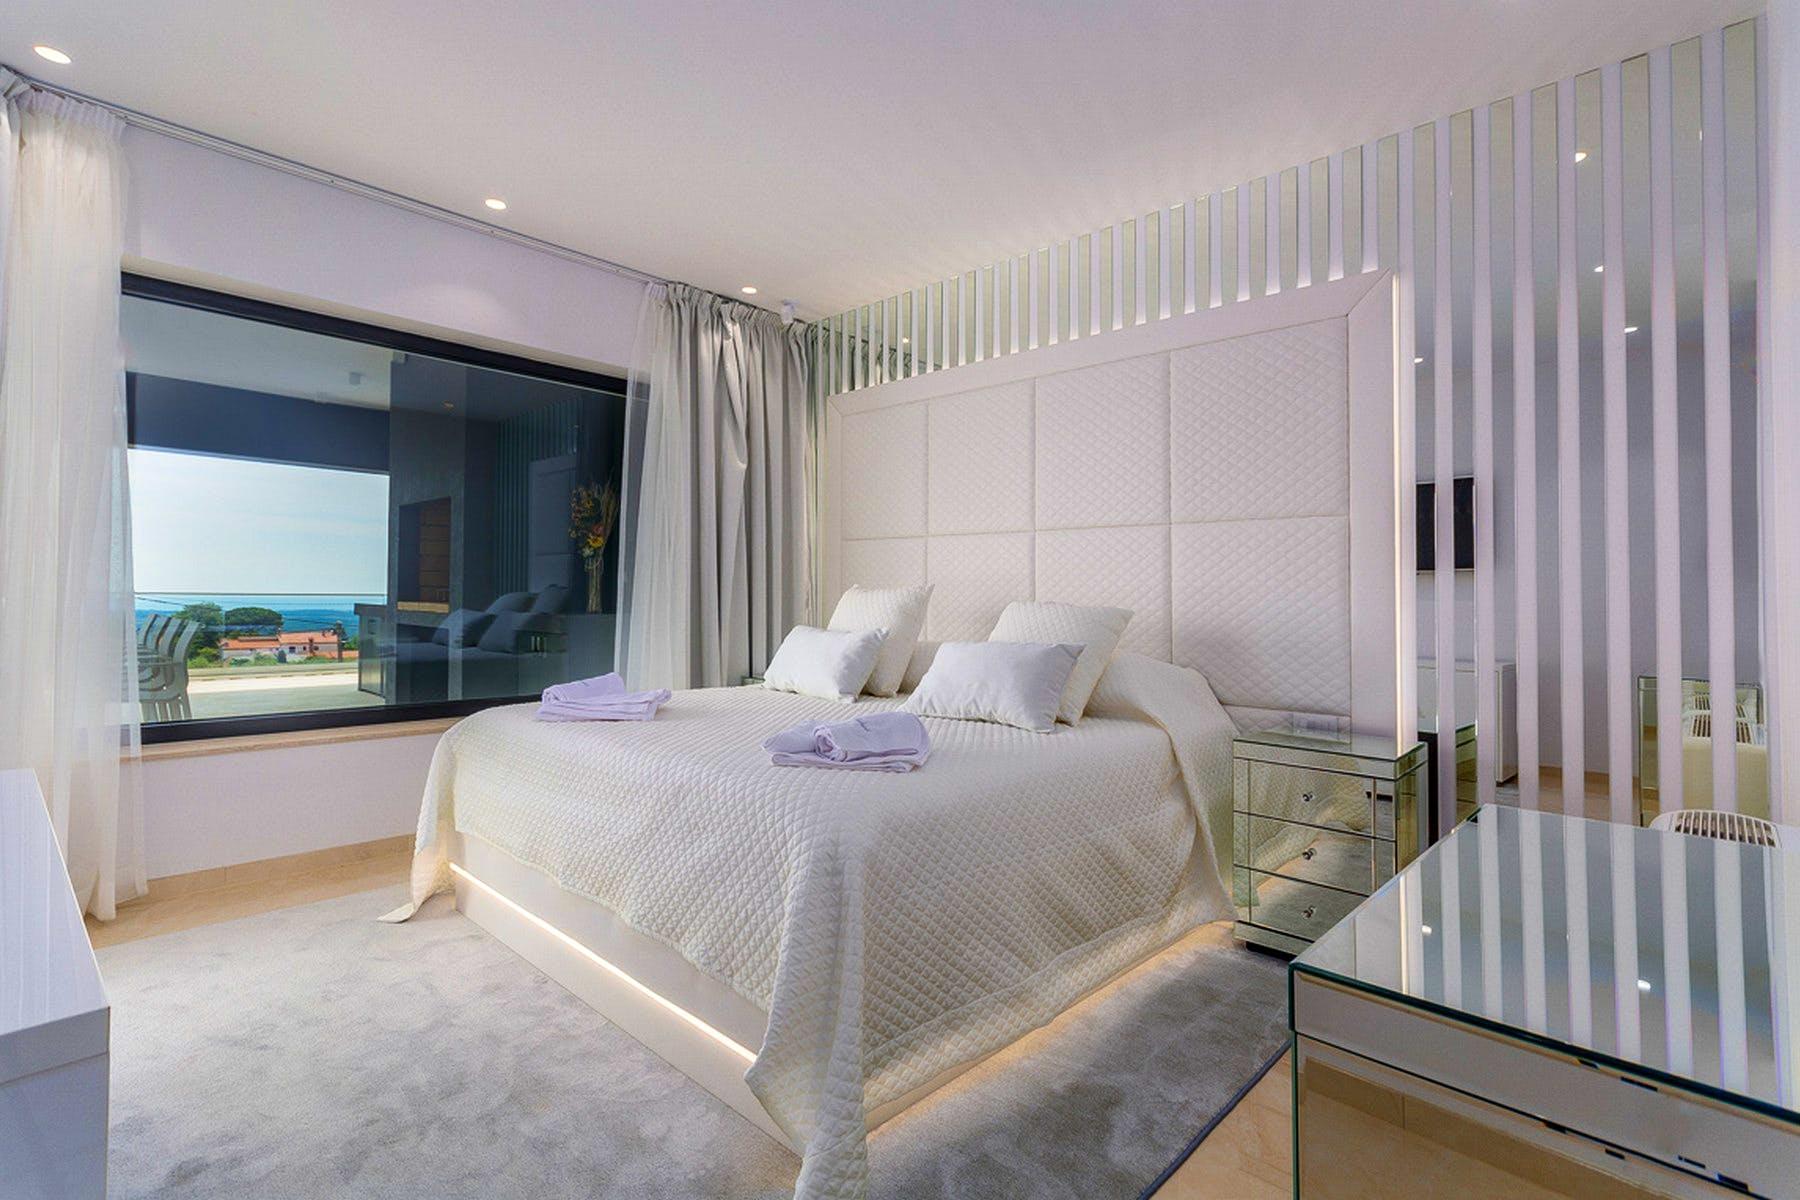 Stilski uređena dvokrevetna soba s modernim sadržajima